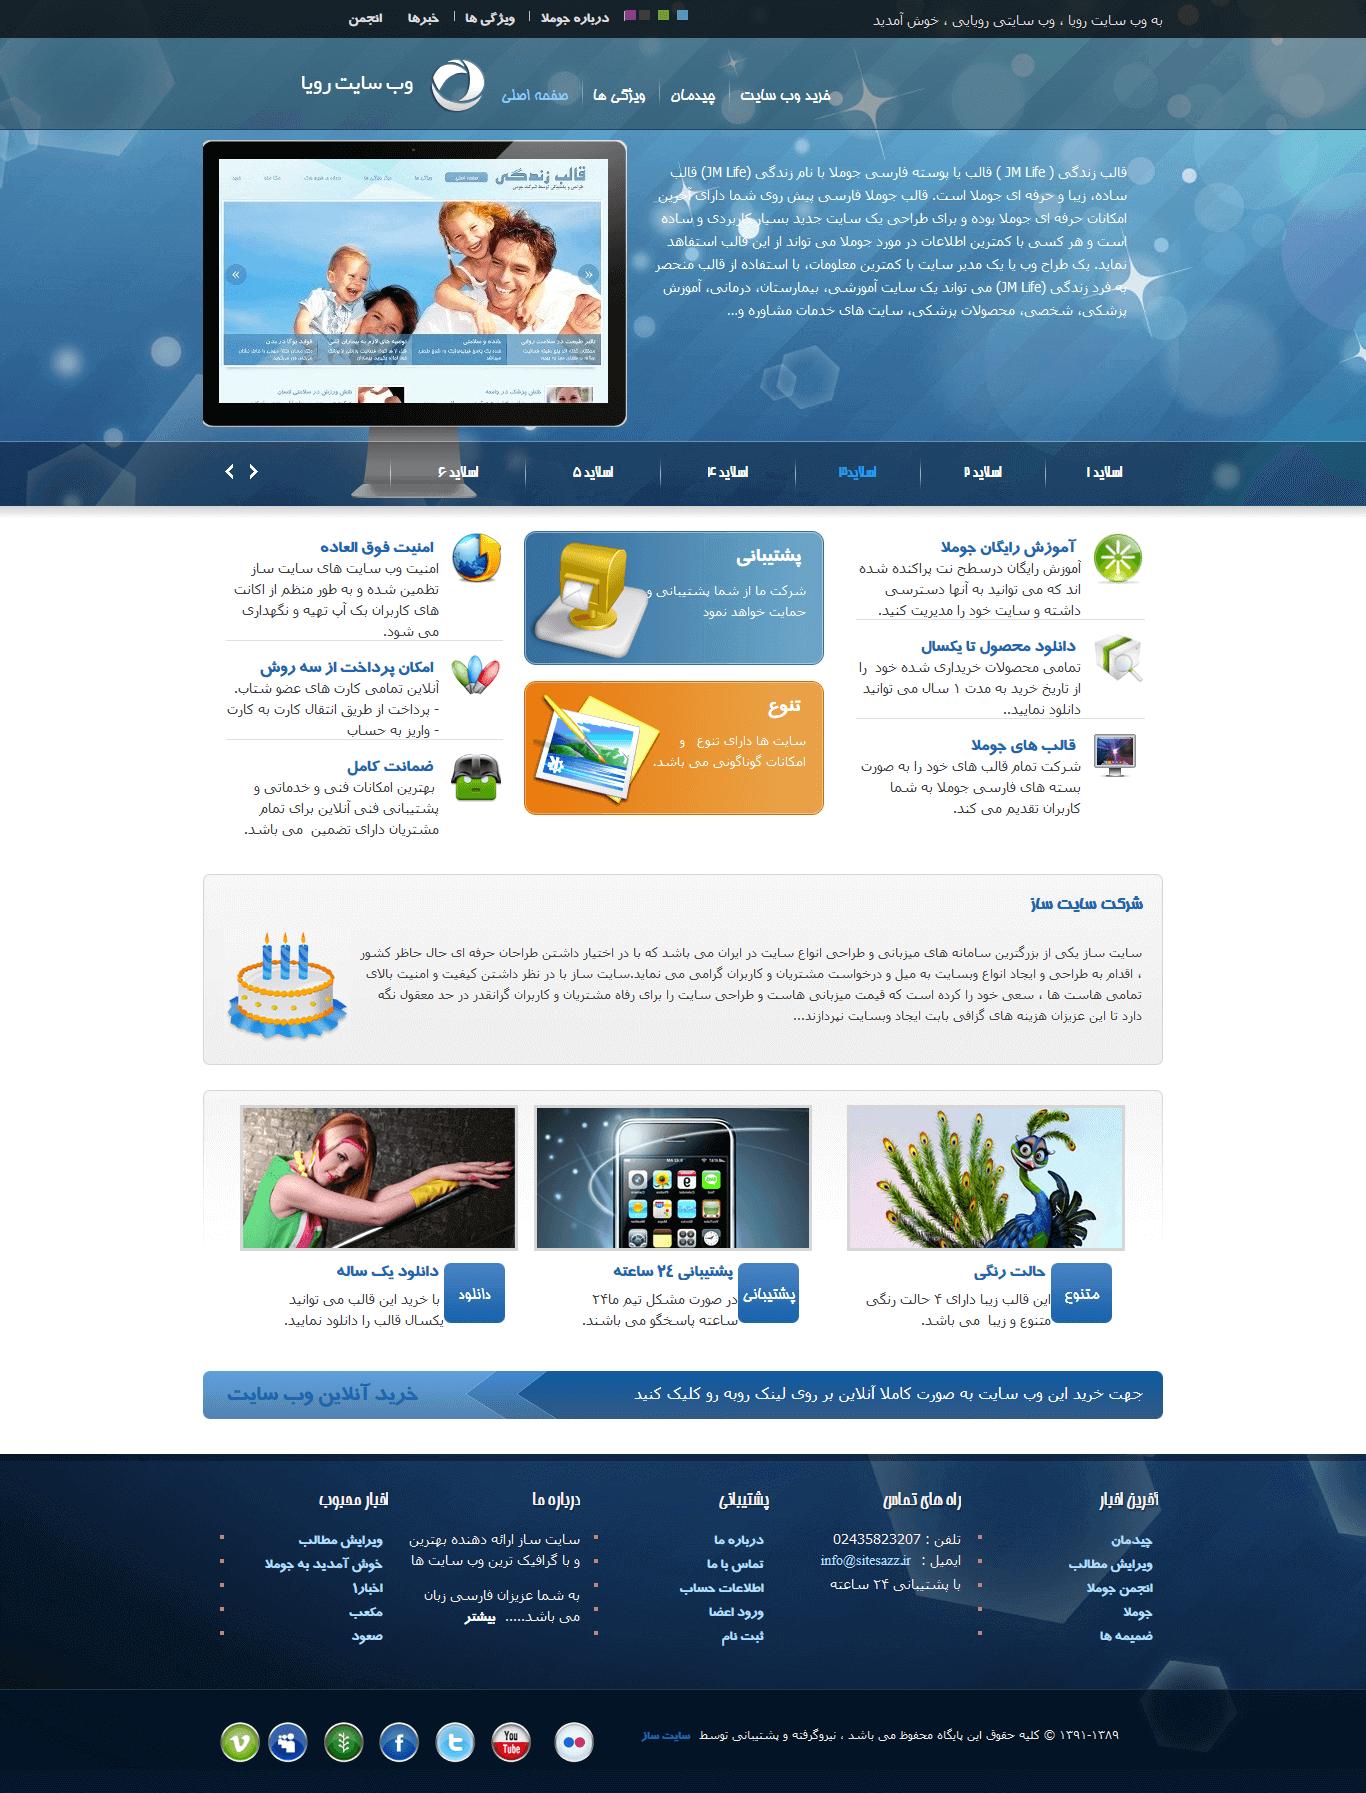 وب سایت رویا